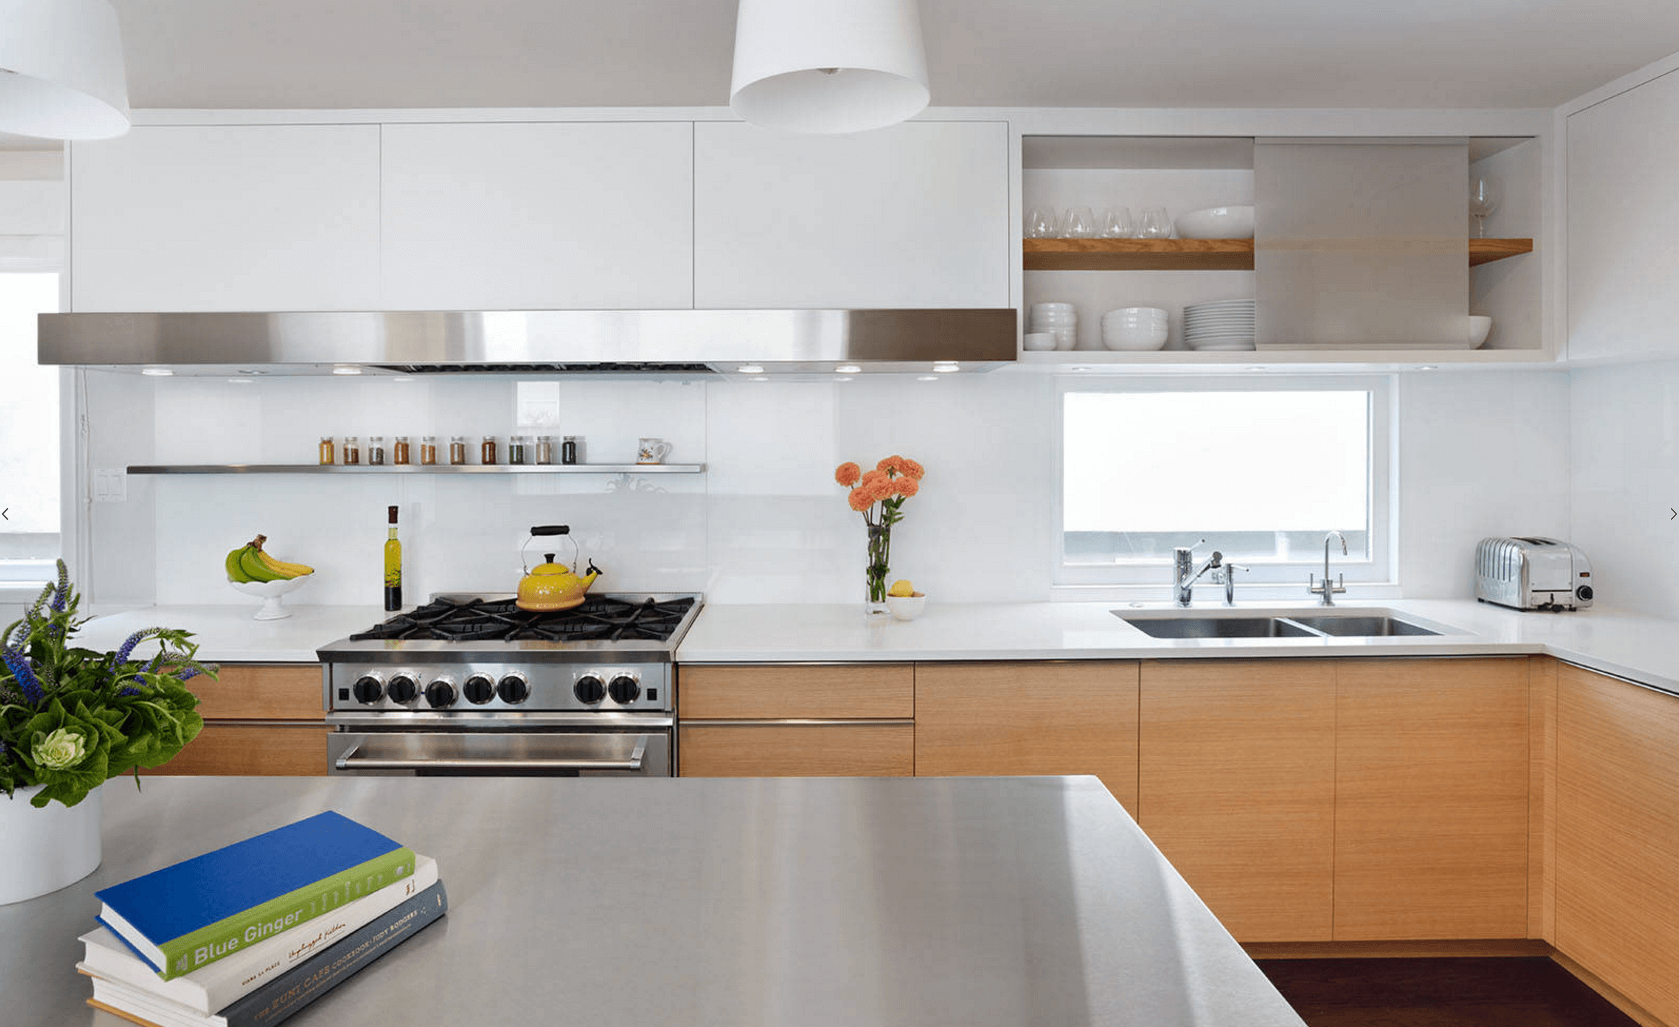 Идея дизайна фартука на кухню. Глянцевая окраска фартука - фото 1